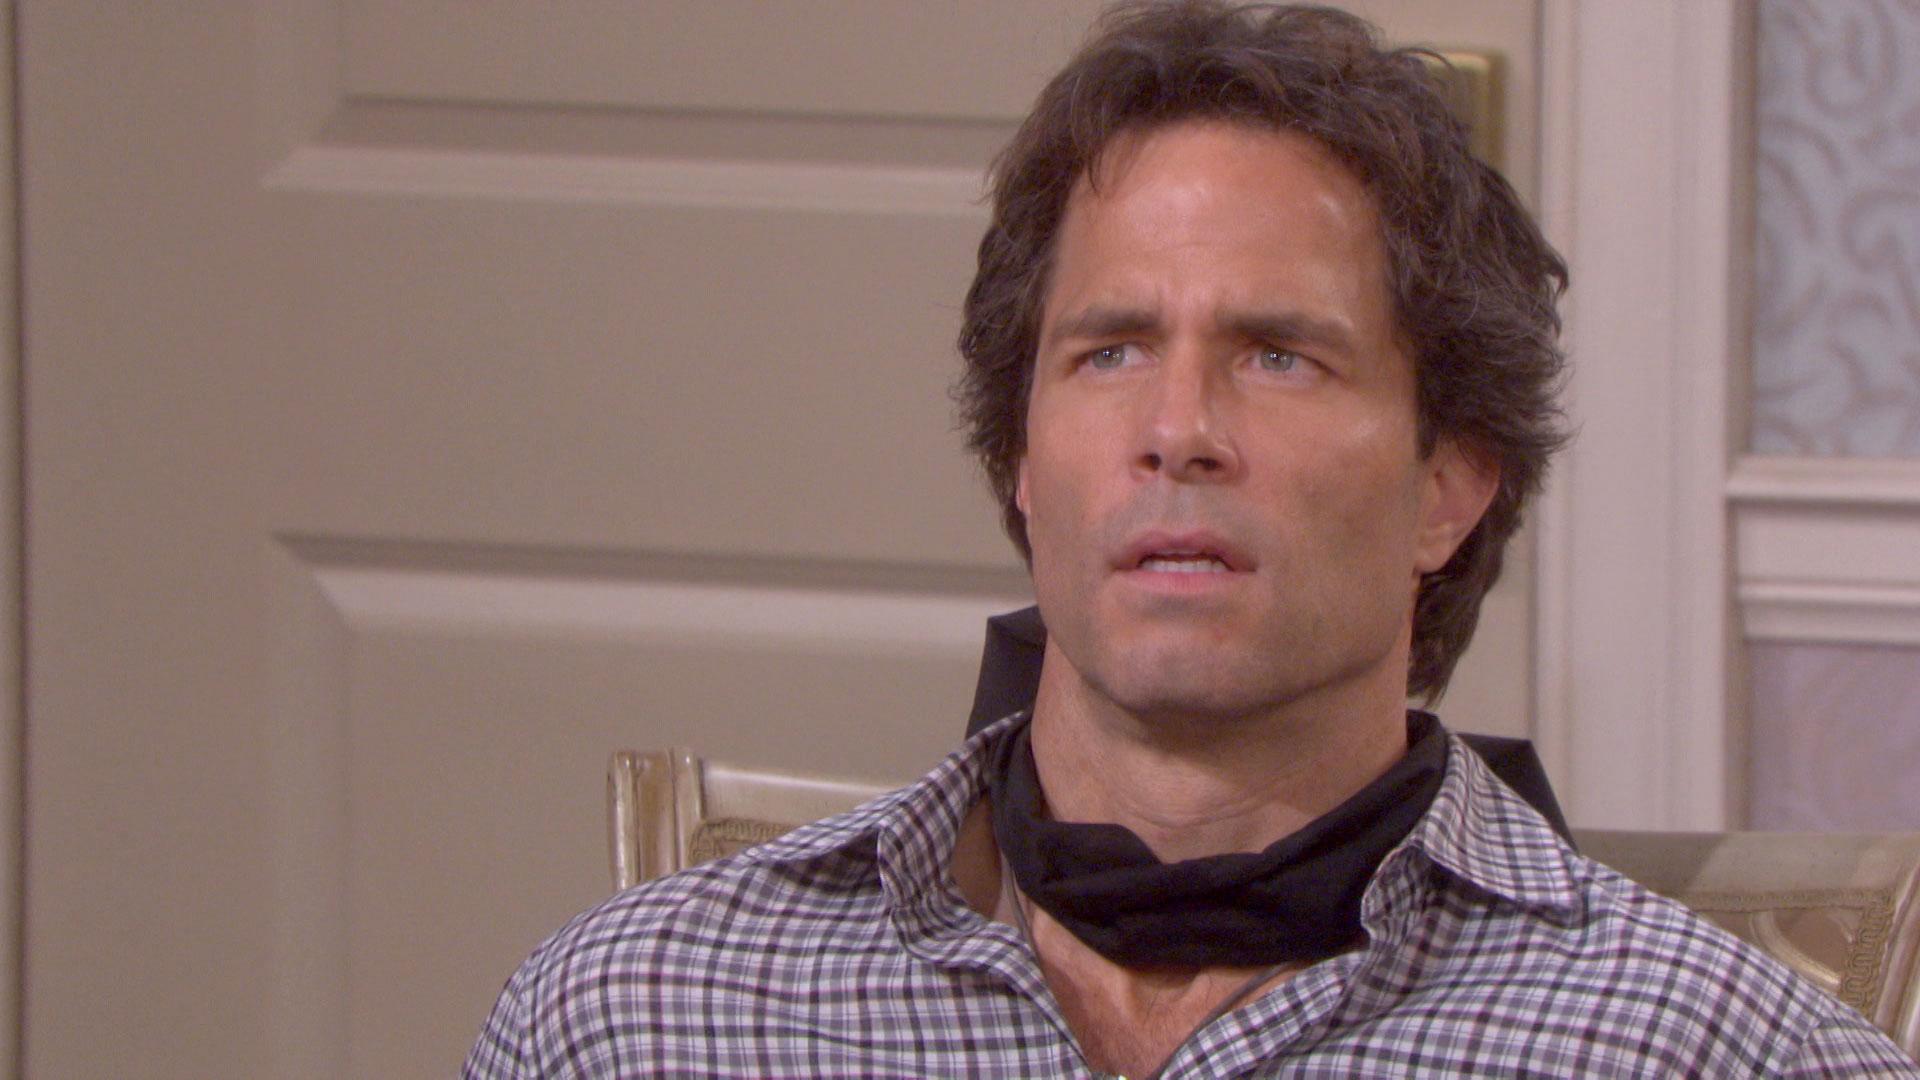 Daniel is horrified when he discovers Kristen's plan for Brady.